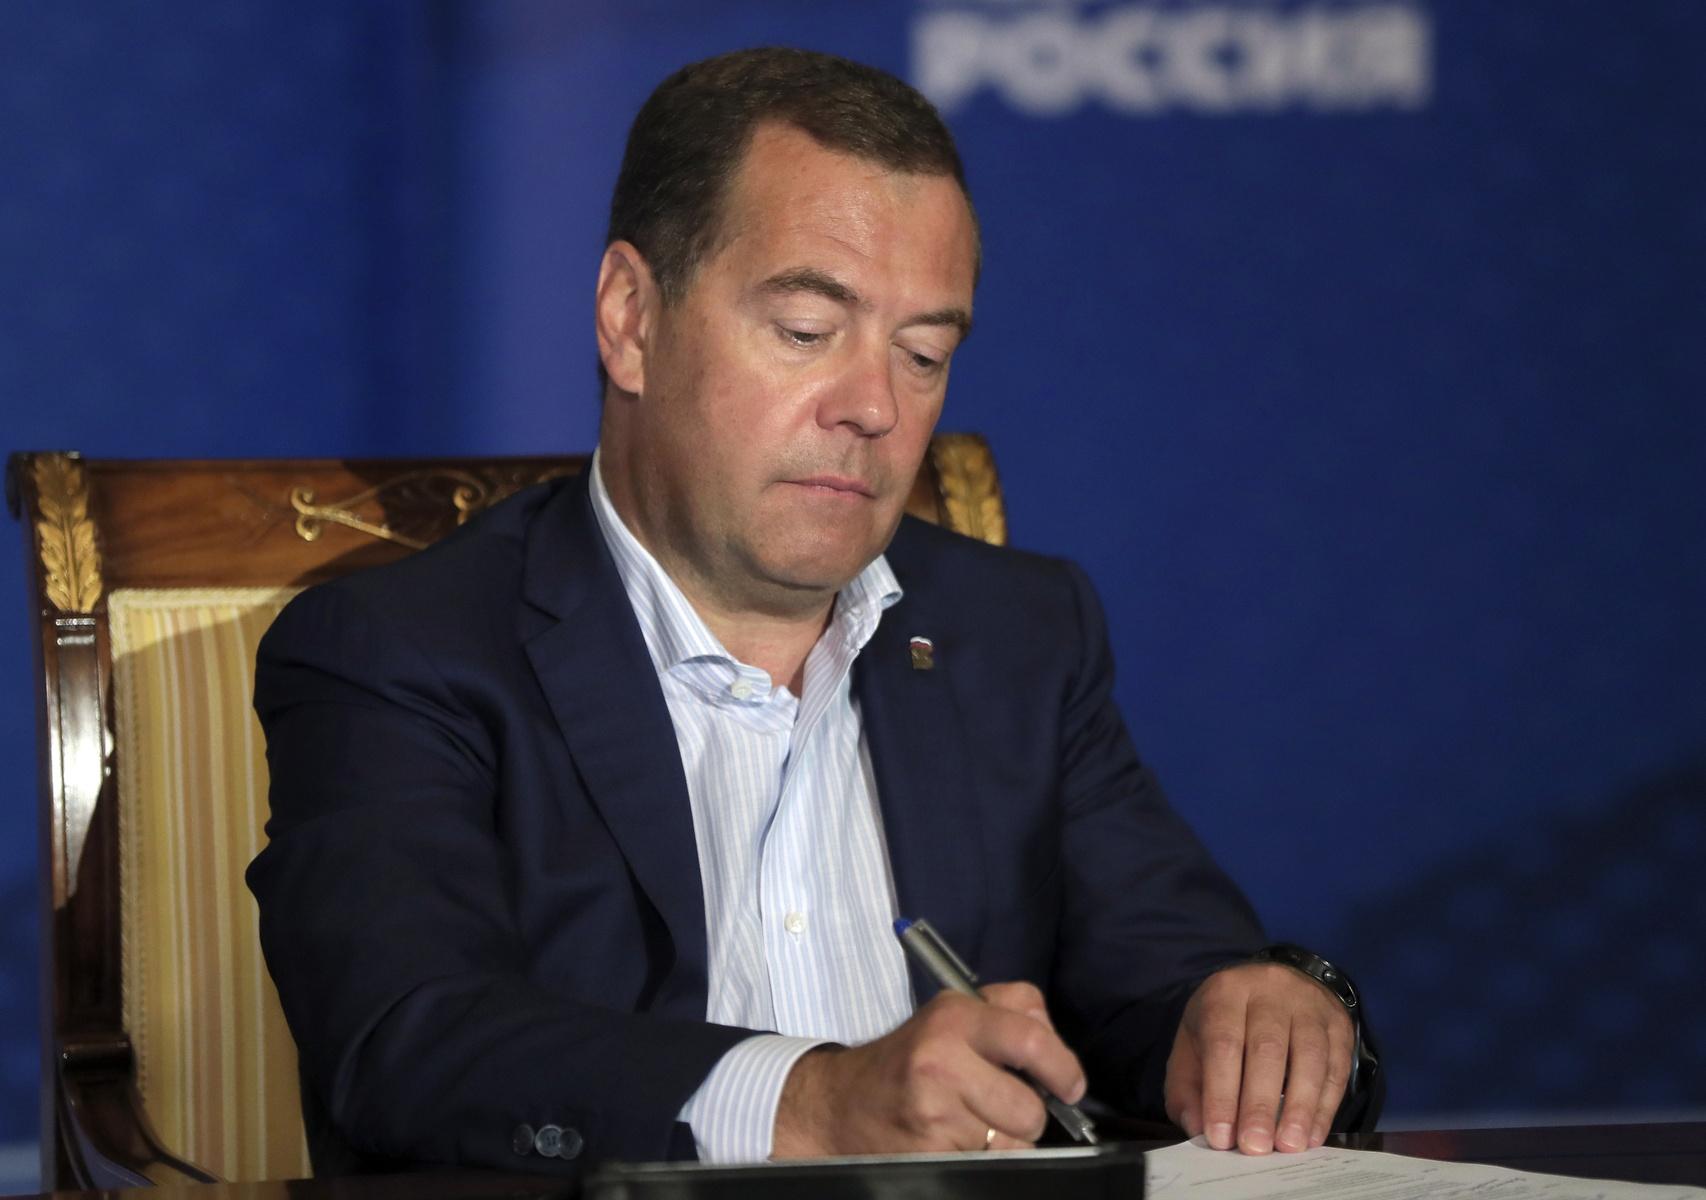 Дмитрий Медведев провел онлайн-встречу с участниками кадрового конкурса партии «ПолитСтартап» Фото: Екатерина Штукина/РИА Новости